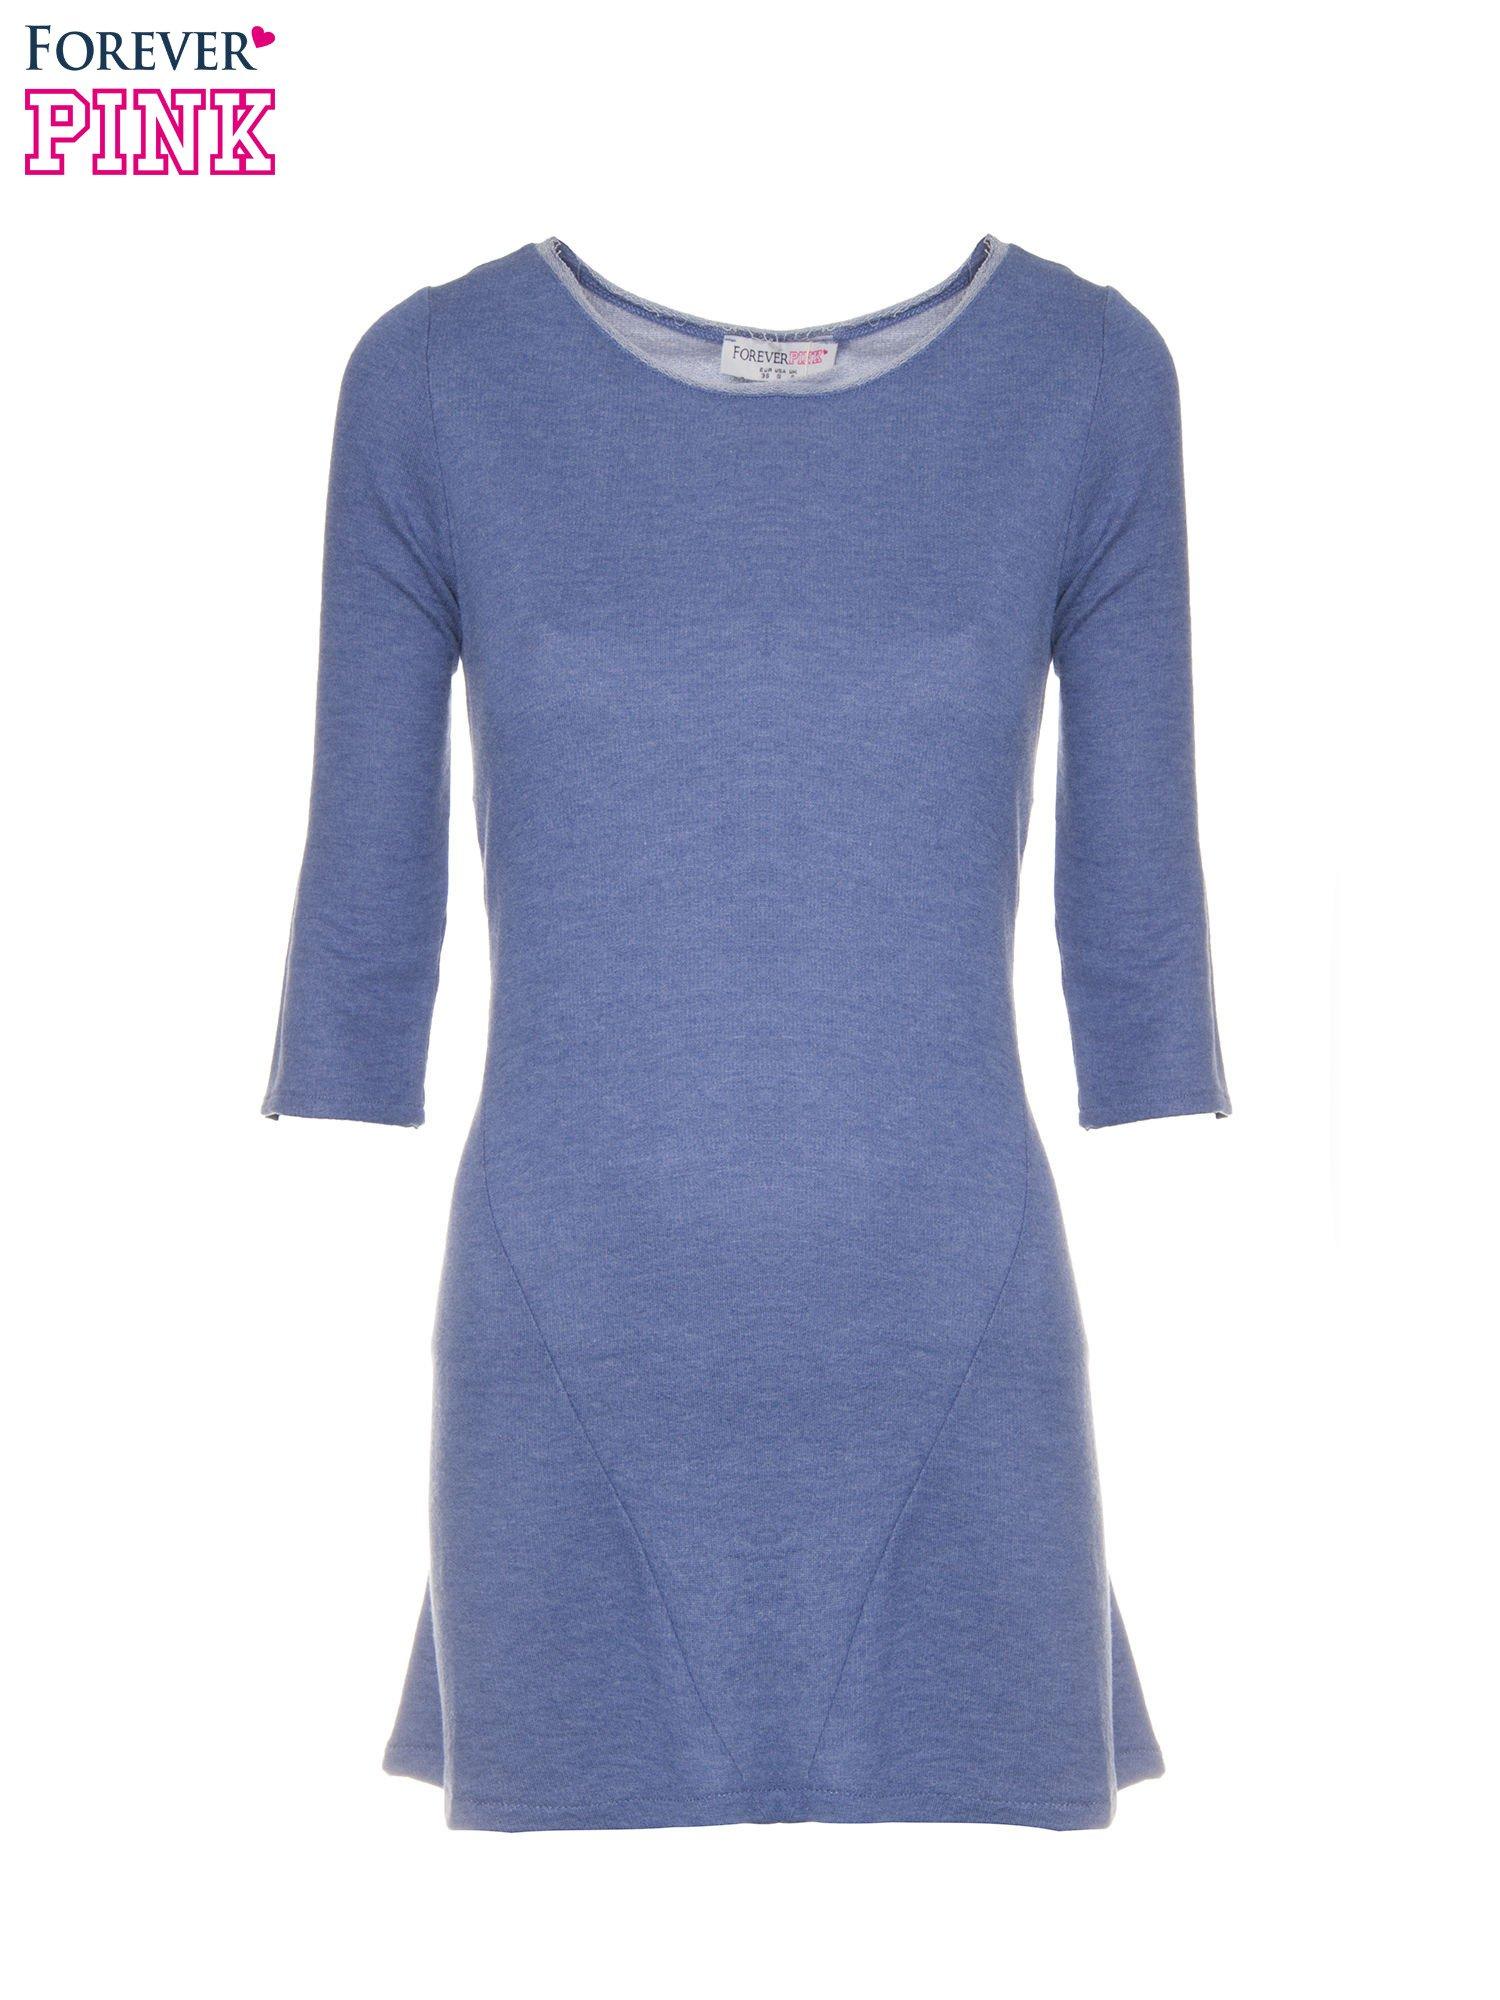 Niebieska tunika o kroju dzwonka wiązana z tyłu                                  zdj.                                  5